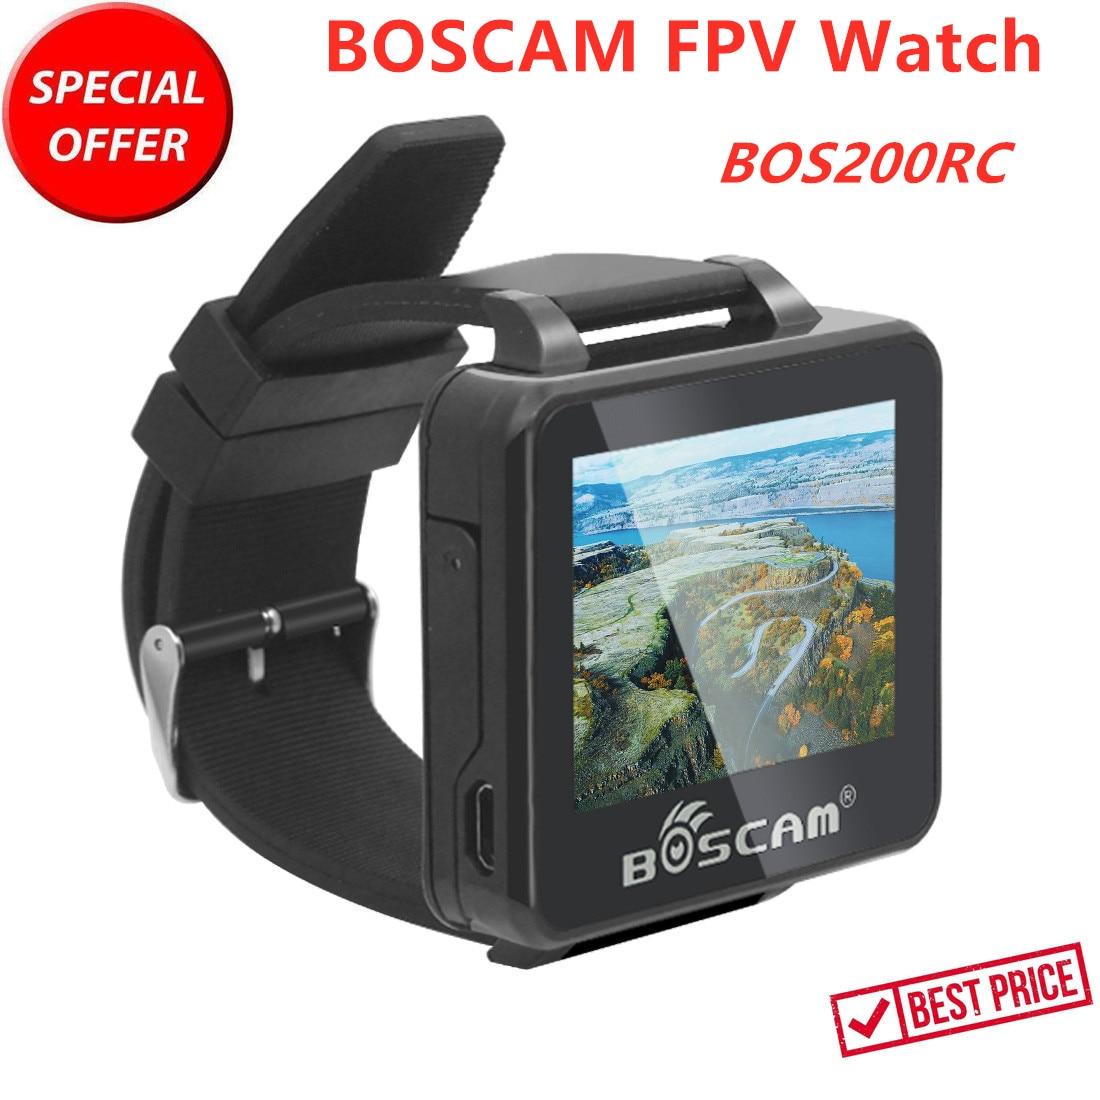 BOSCAM FPV BOS200RC Relógio 40CH 200RC 5.8 GHz HD 960*240 polegada TFT Monitor 2 Receptor AV Sem Fio para câmera FPV RC Quadcopter Heli